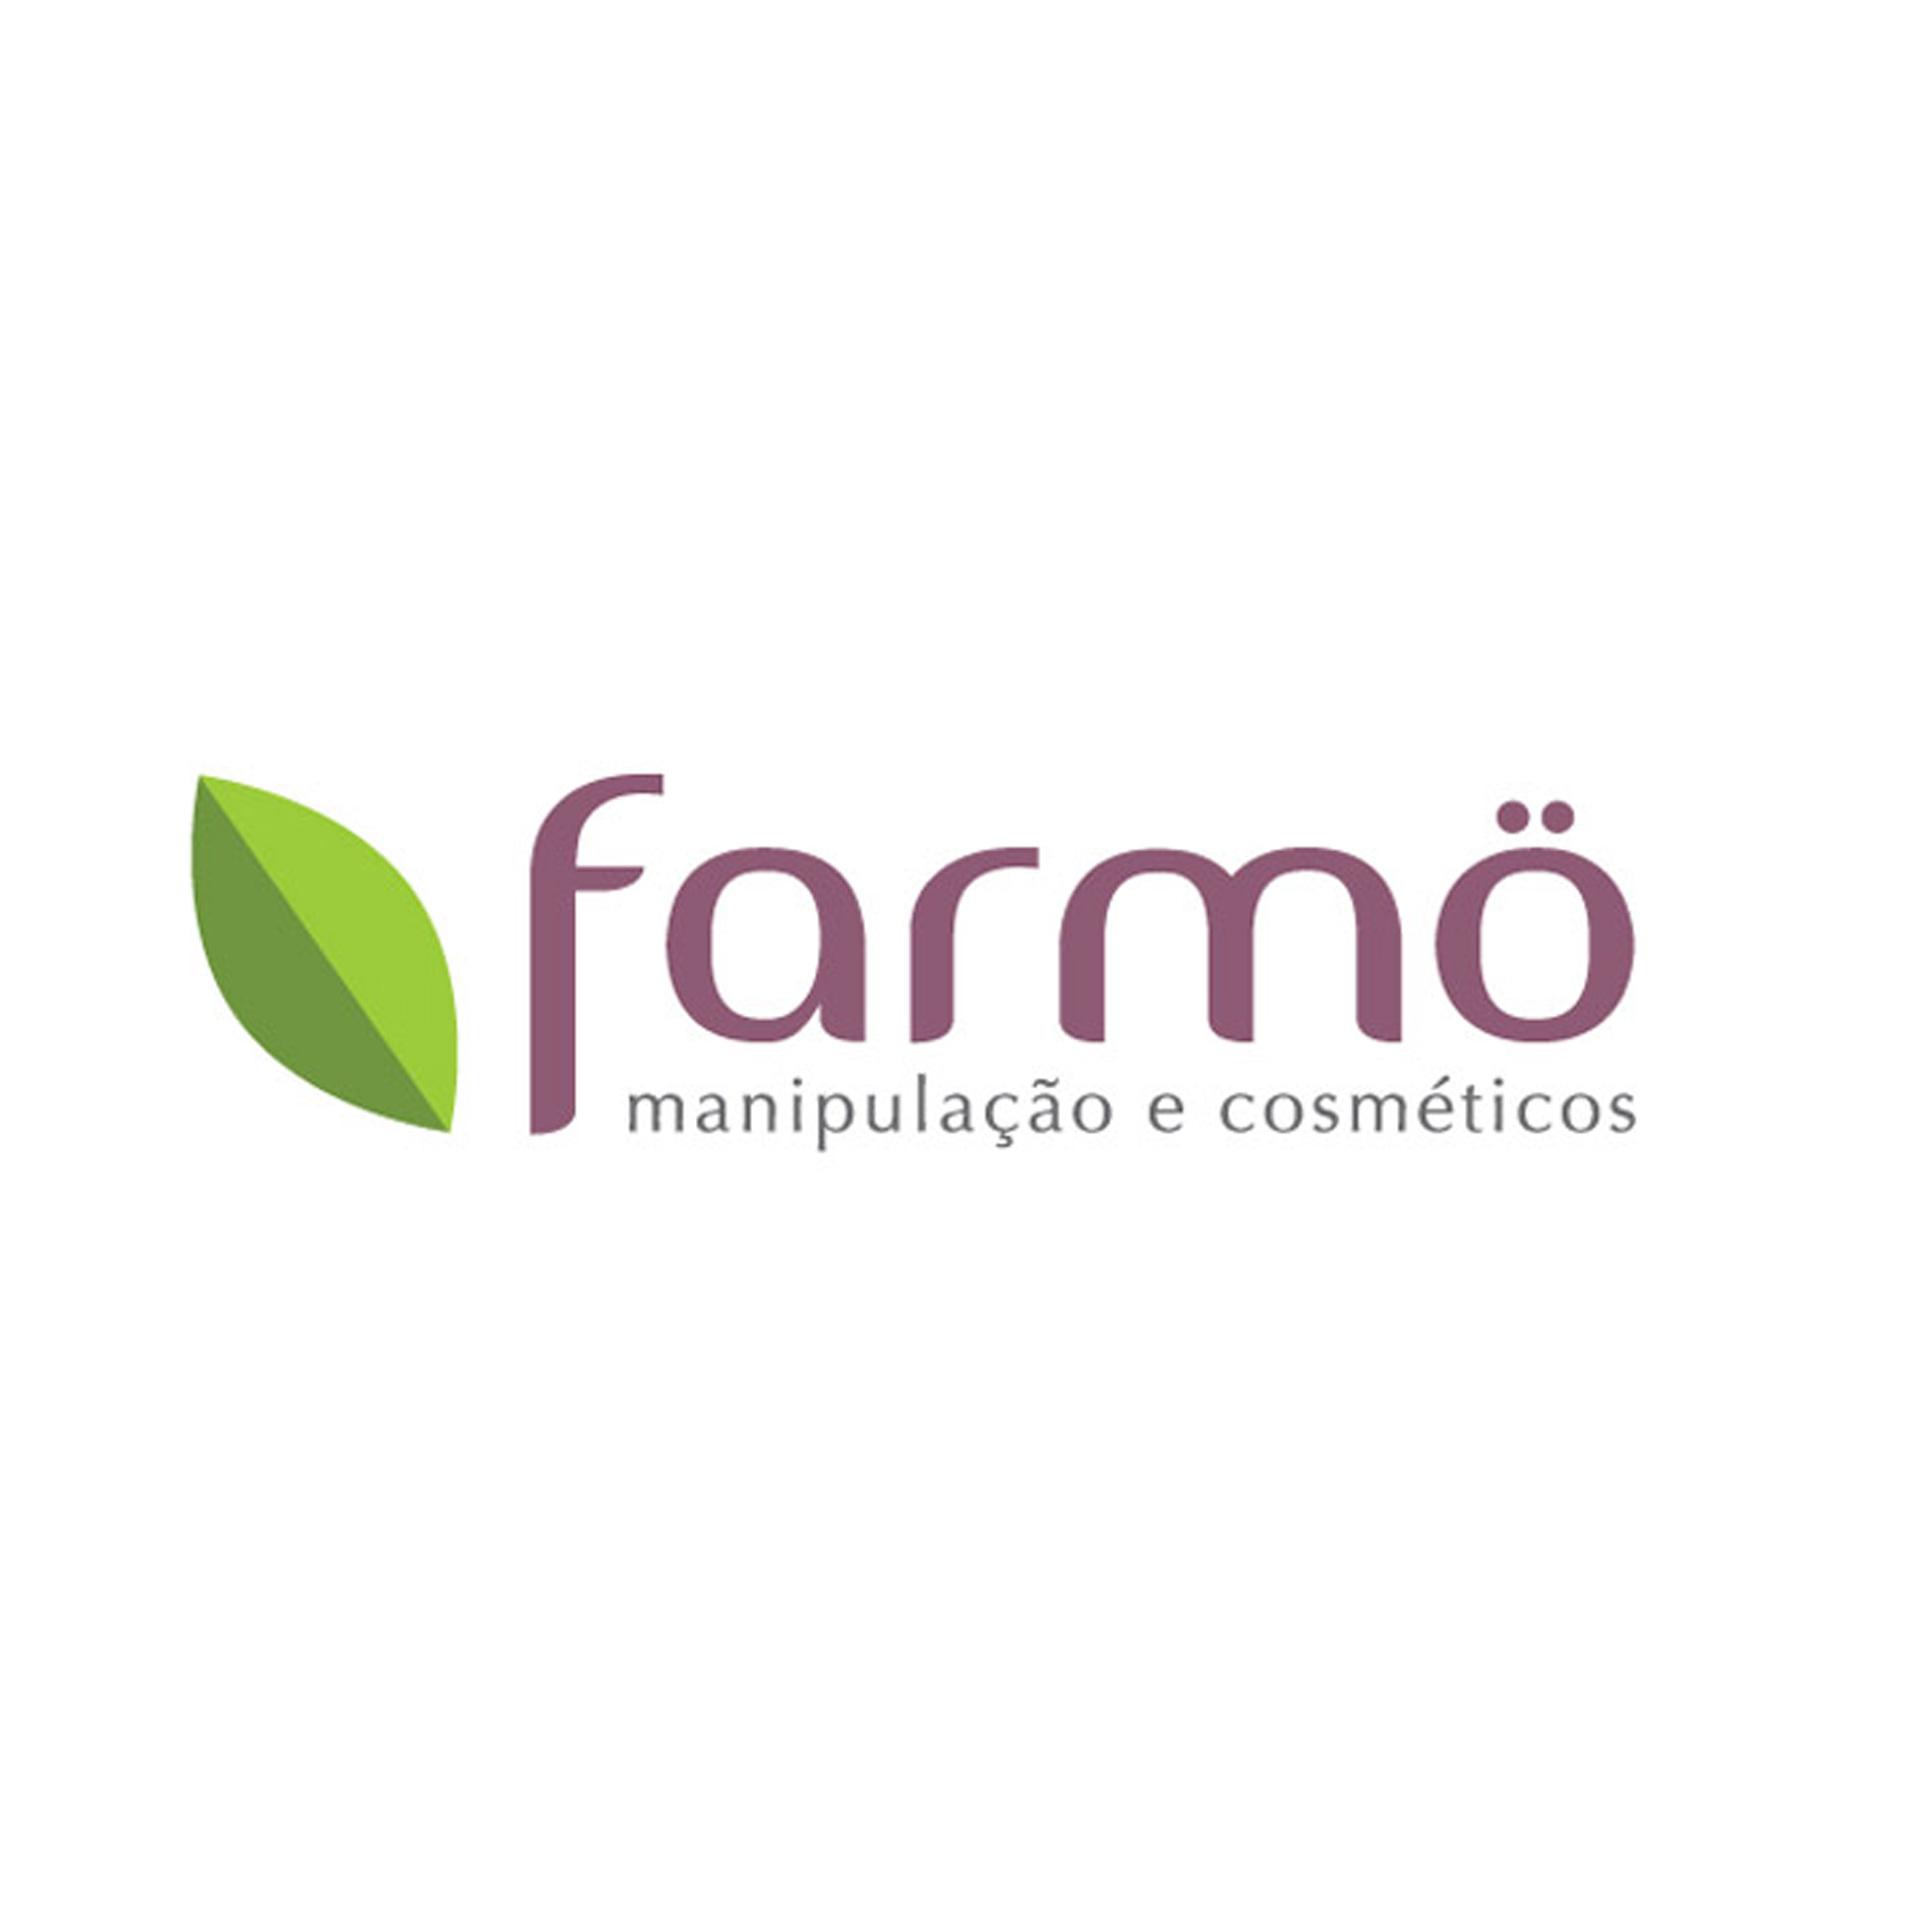 Imagem do projeto Rebranding da Farmö